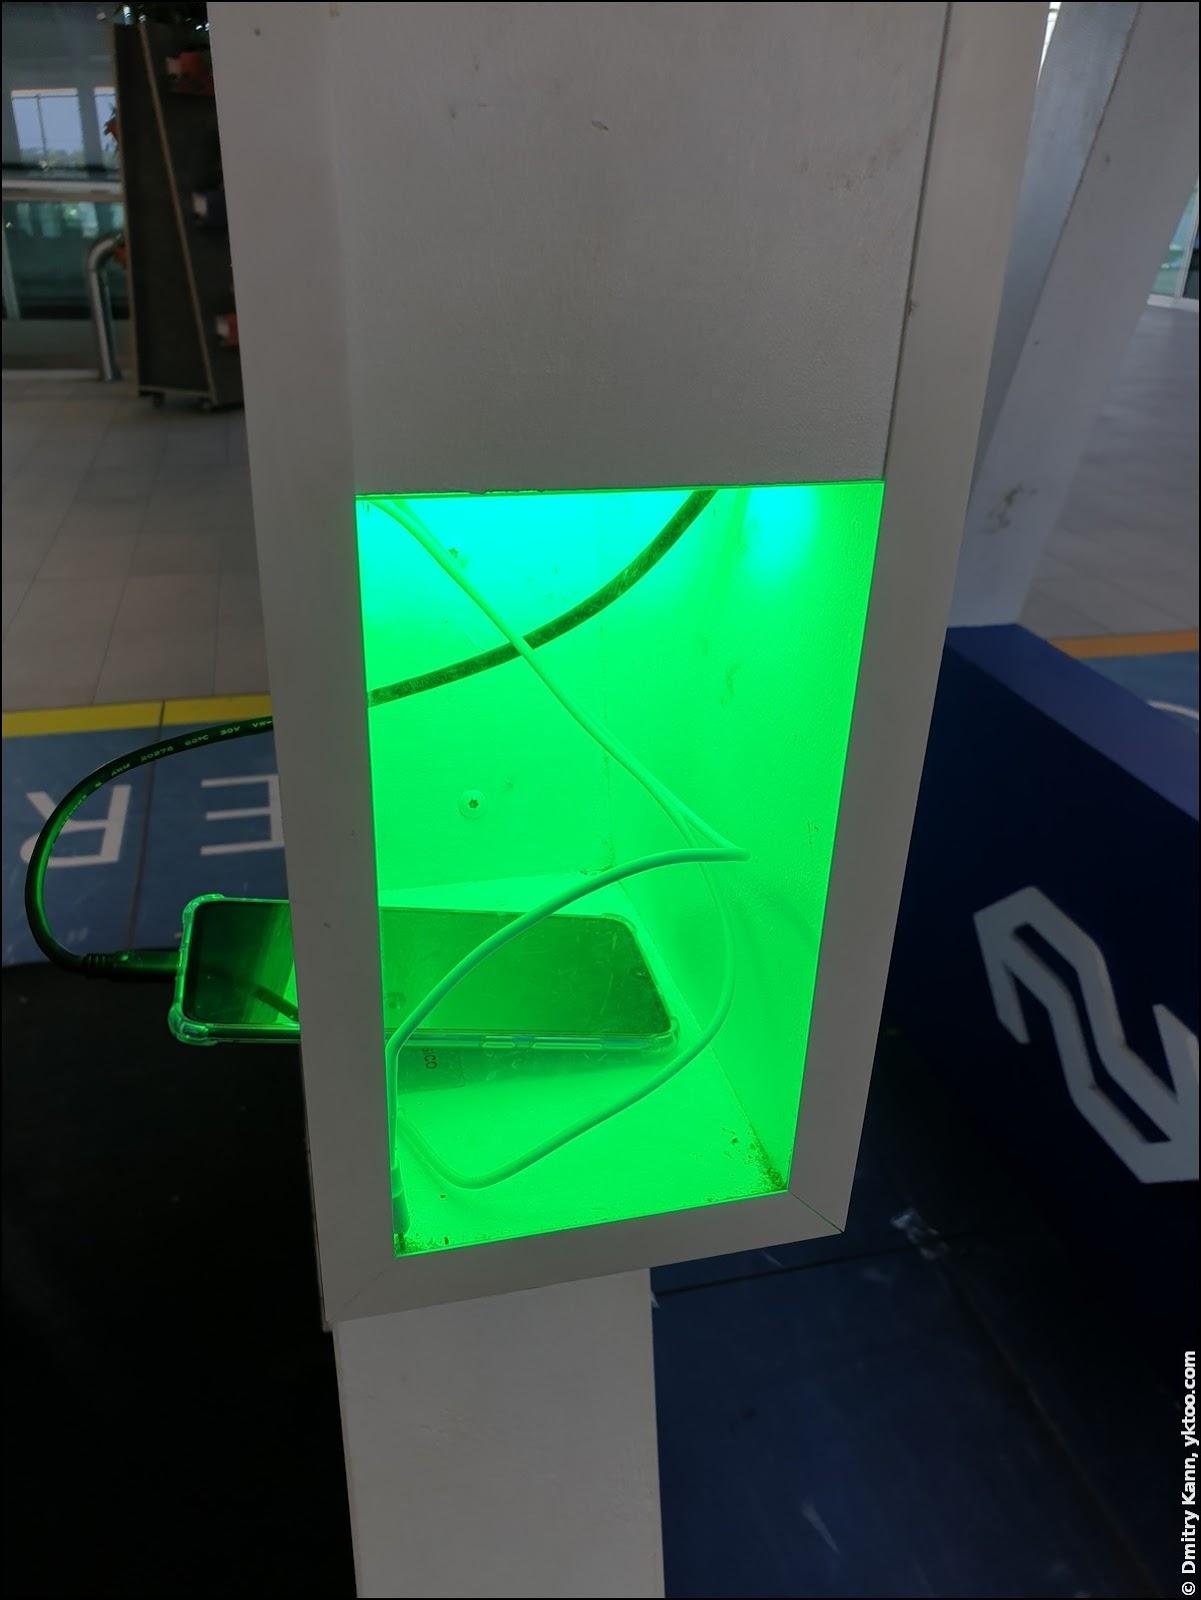 Charger box lighting.